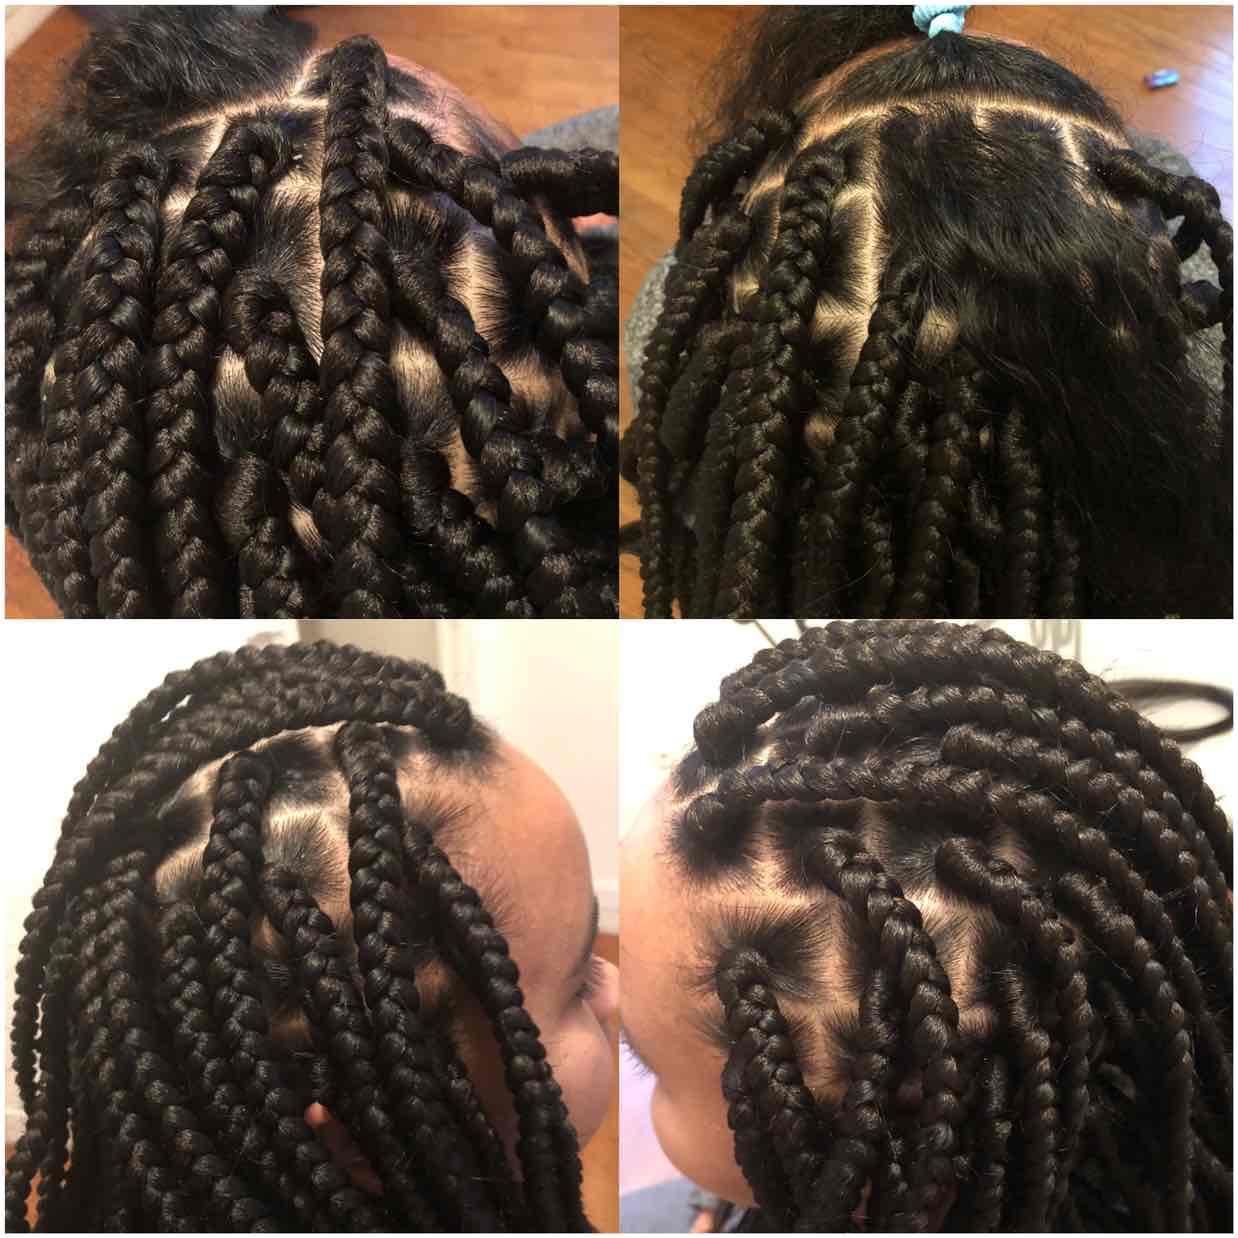 salon de coiffure afro tresse tresses box braids crochet braids vanilles tissages paris 75 77 78 91 92 93 94 95 AECWTEHM